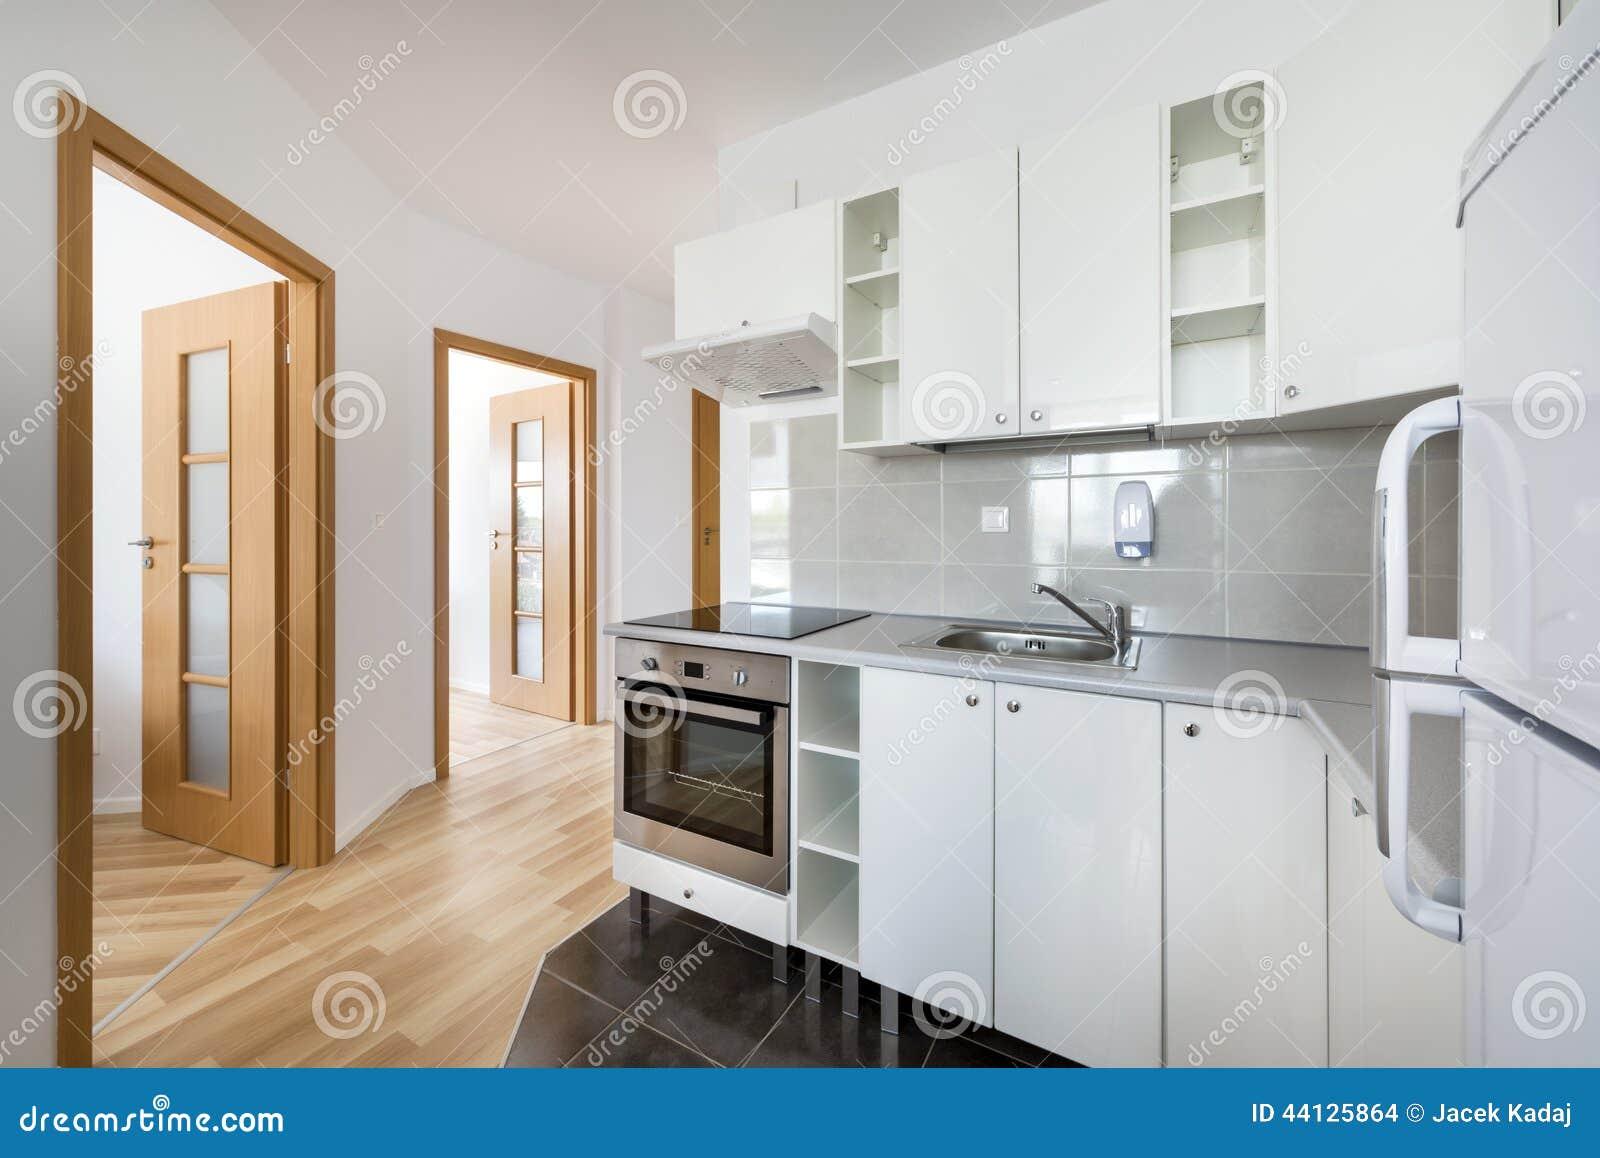 Photos de cuisine moderne blanche for Petite cuisine blanche moderne